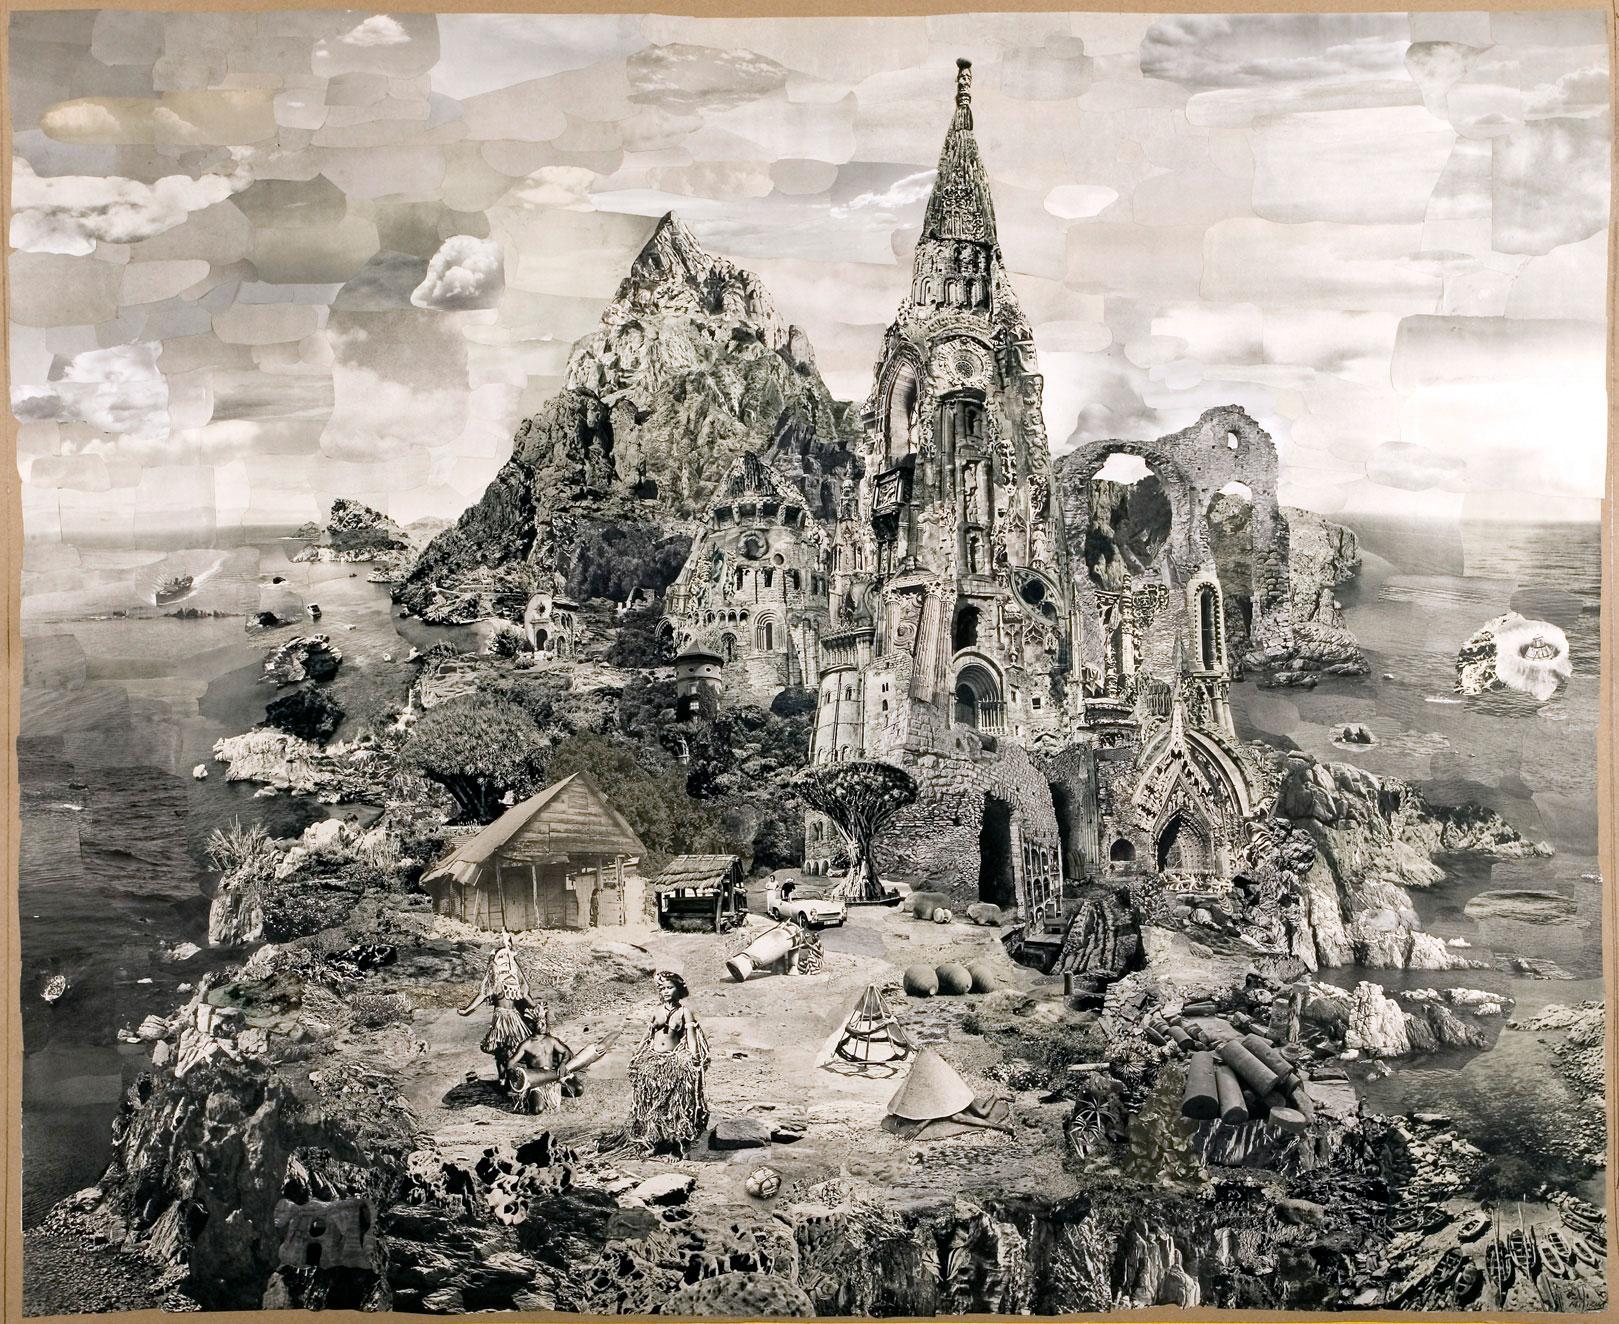 La isla de las catedrales, Pablo Milicua